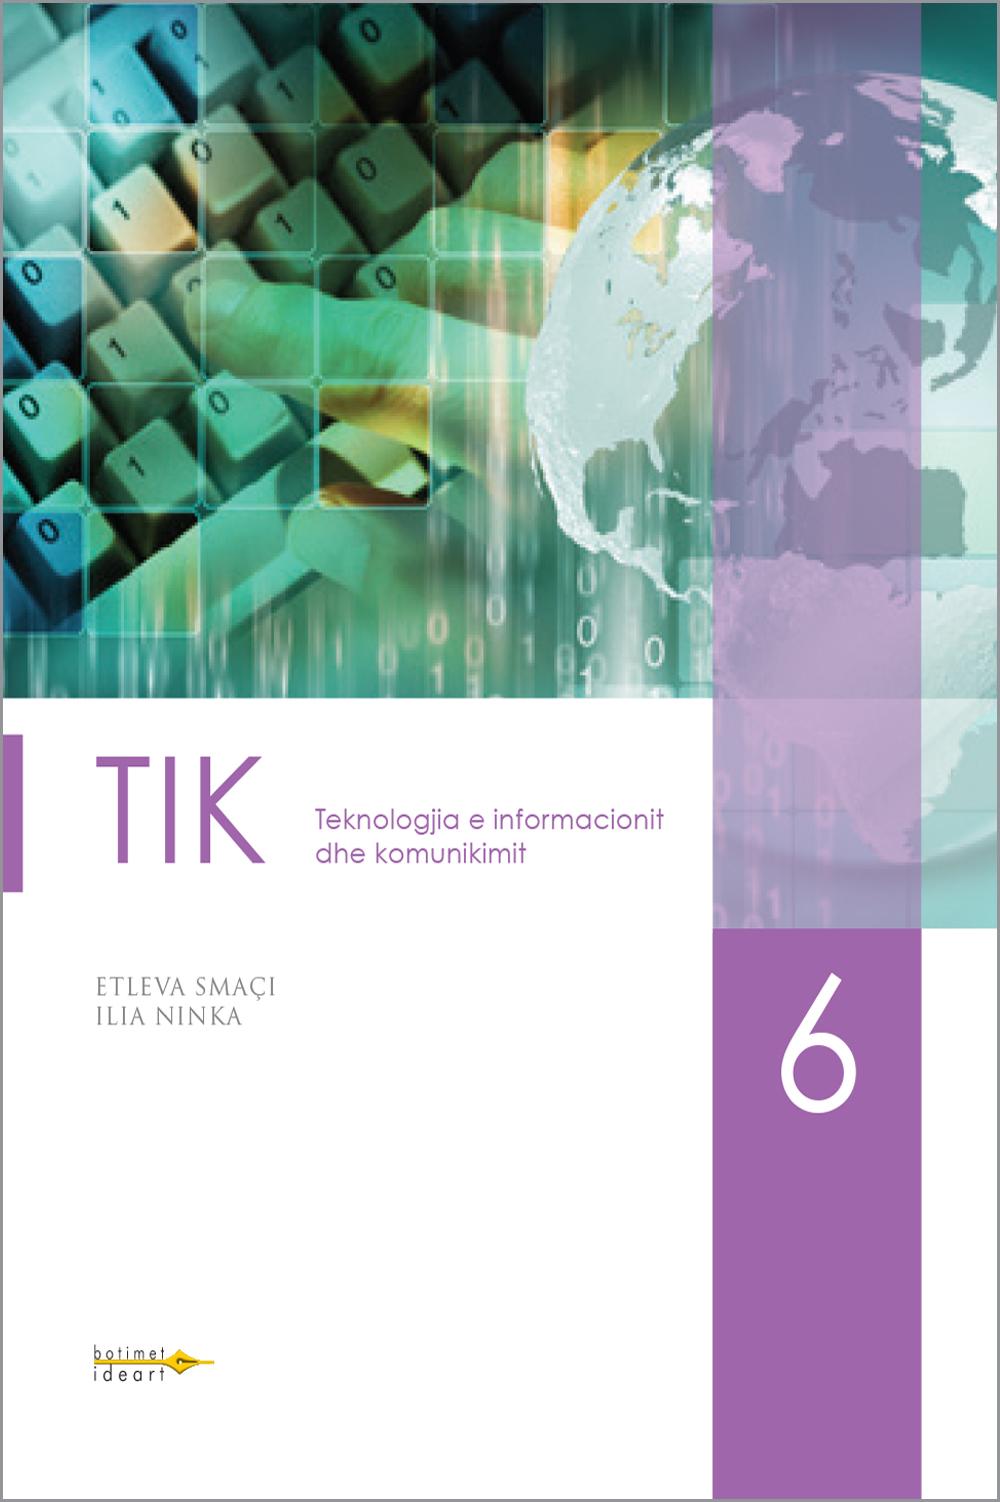 TIK 6